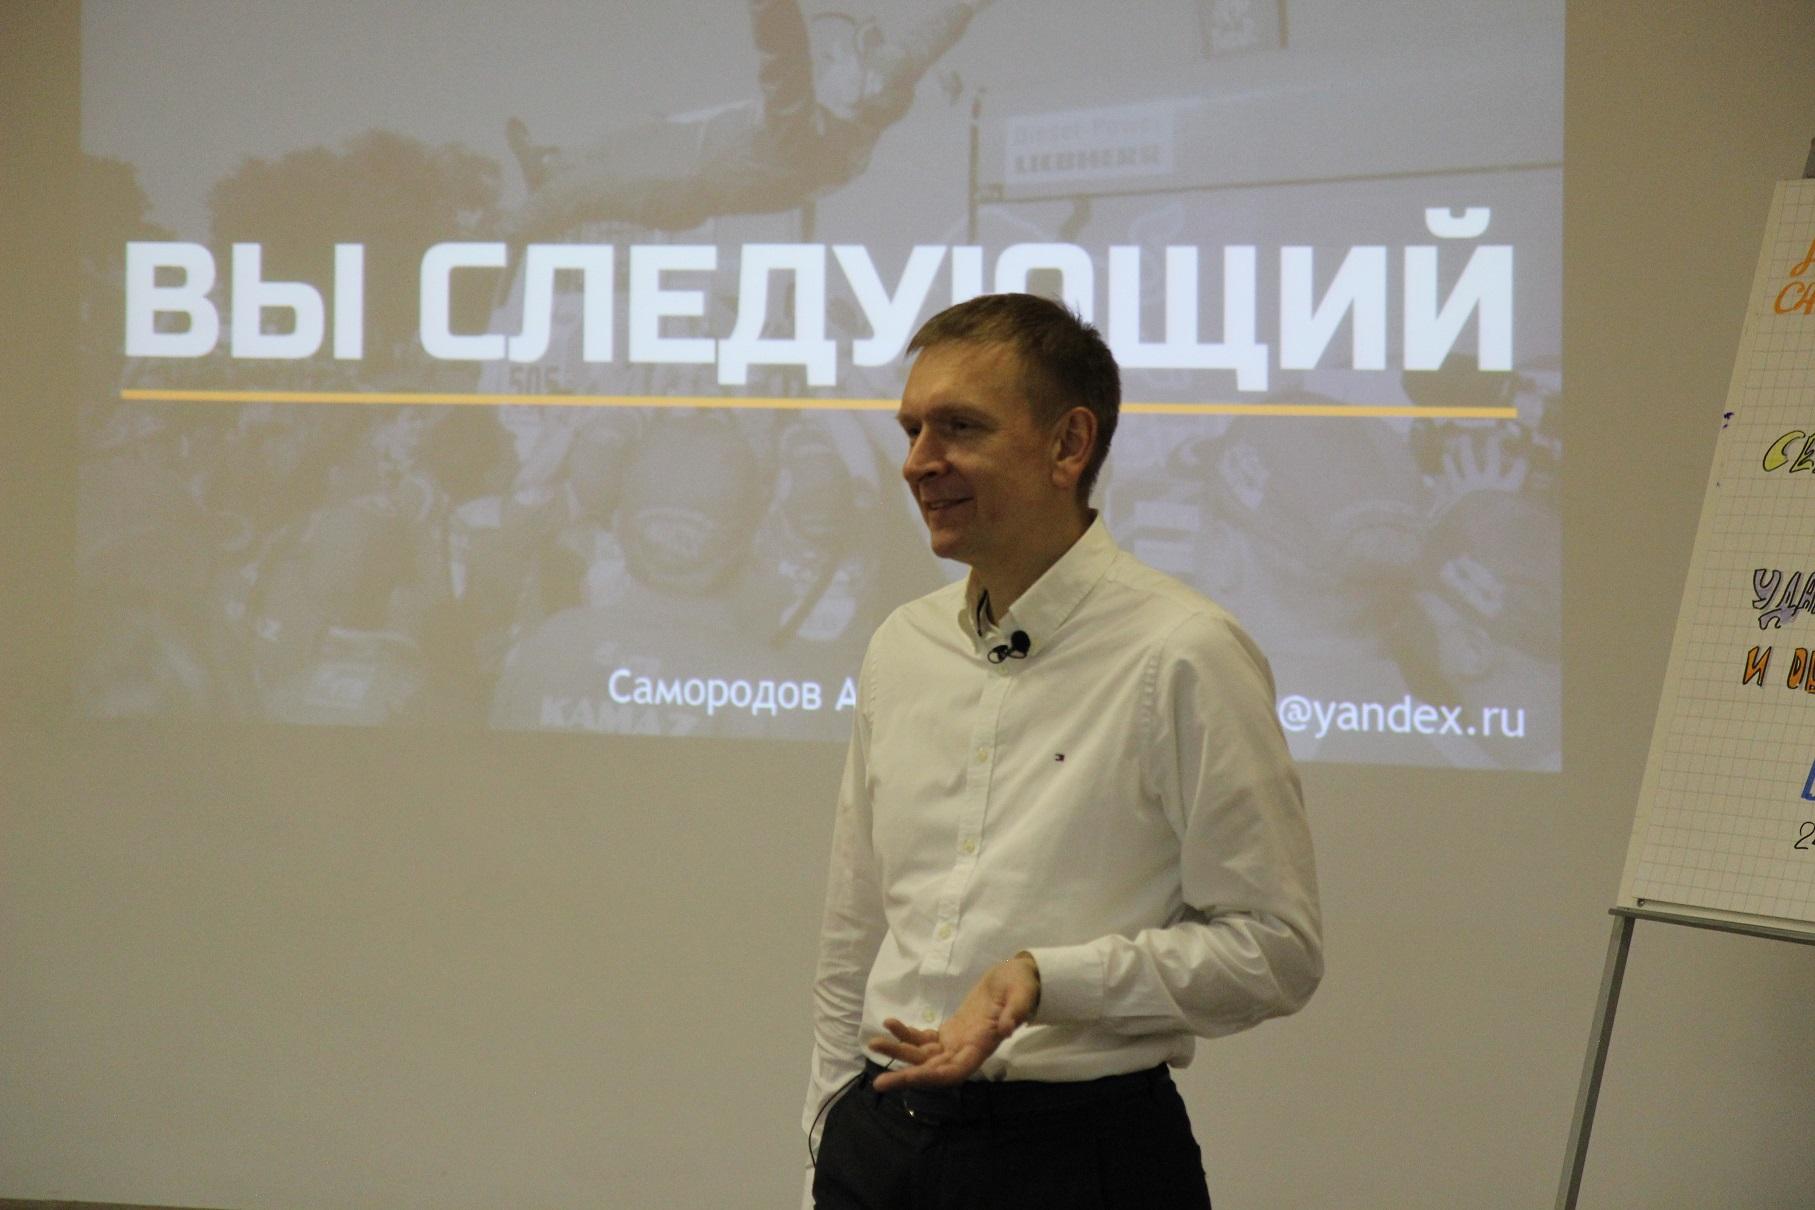 Александр Самородов, AstraZeneca